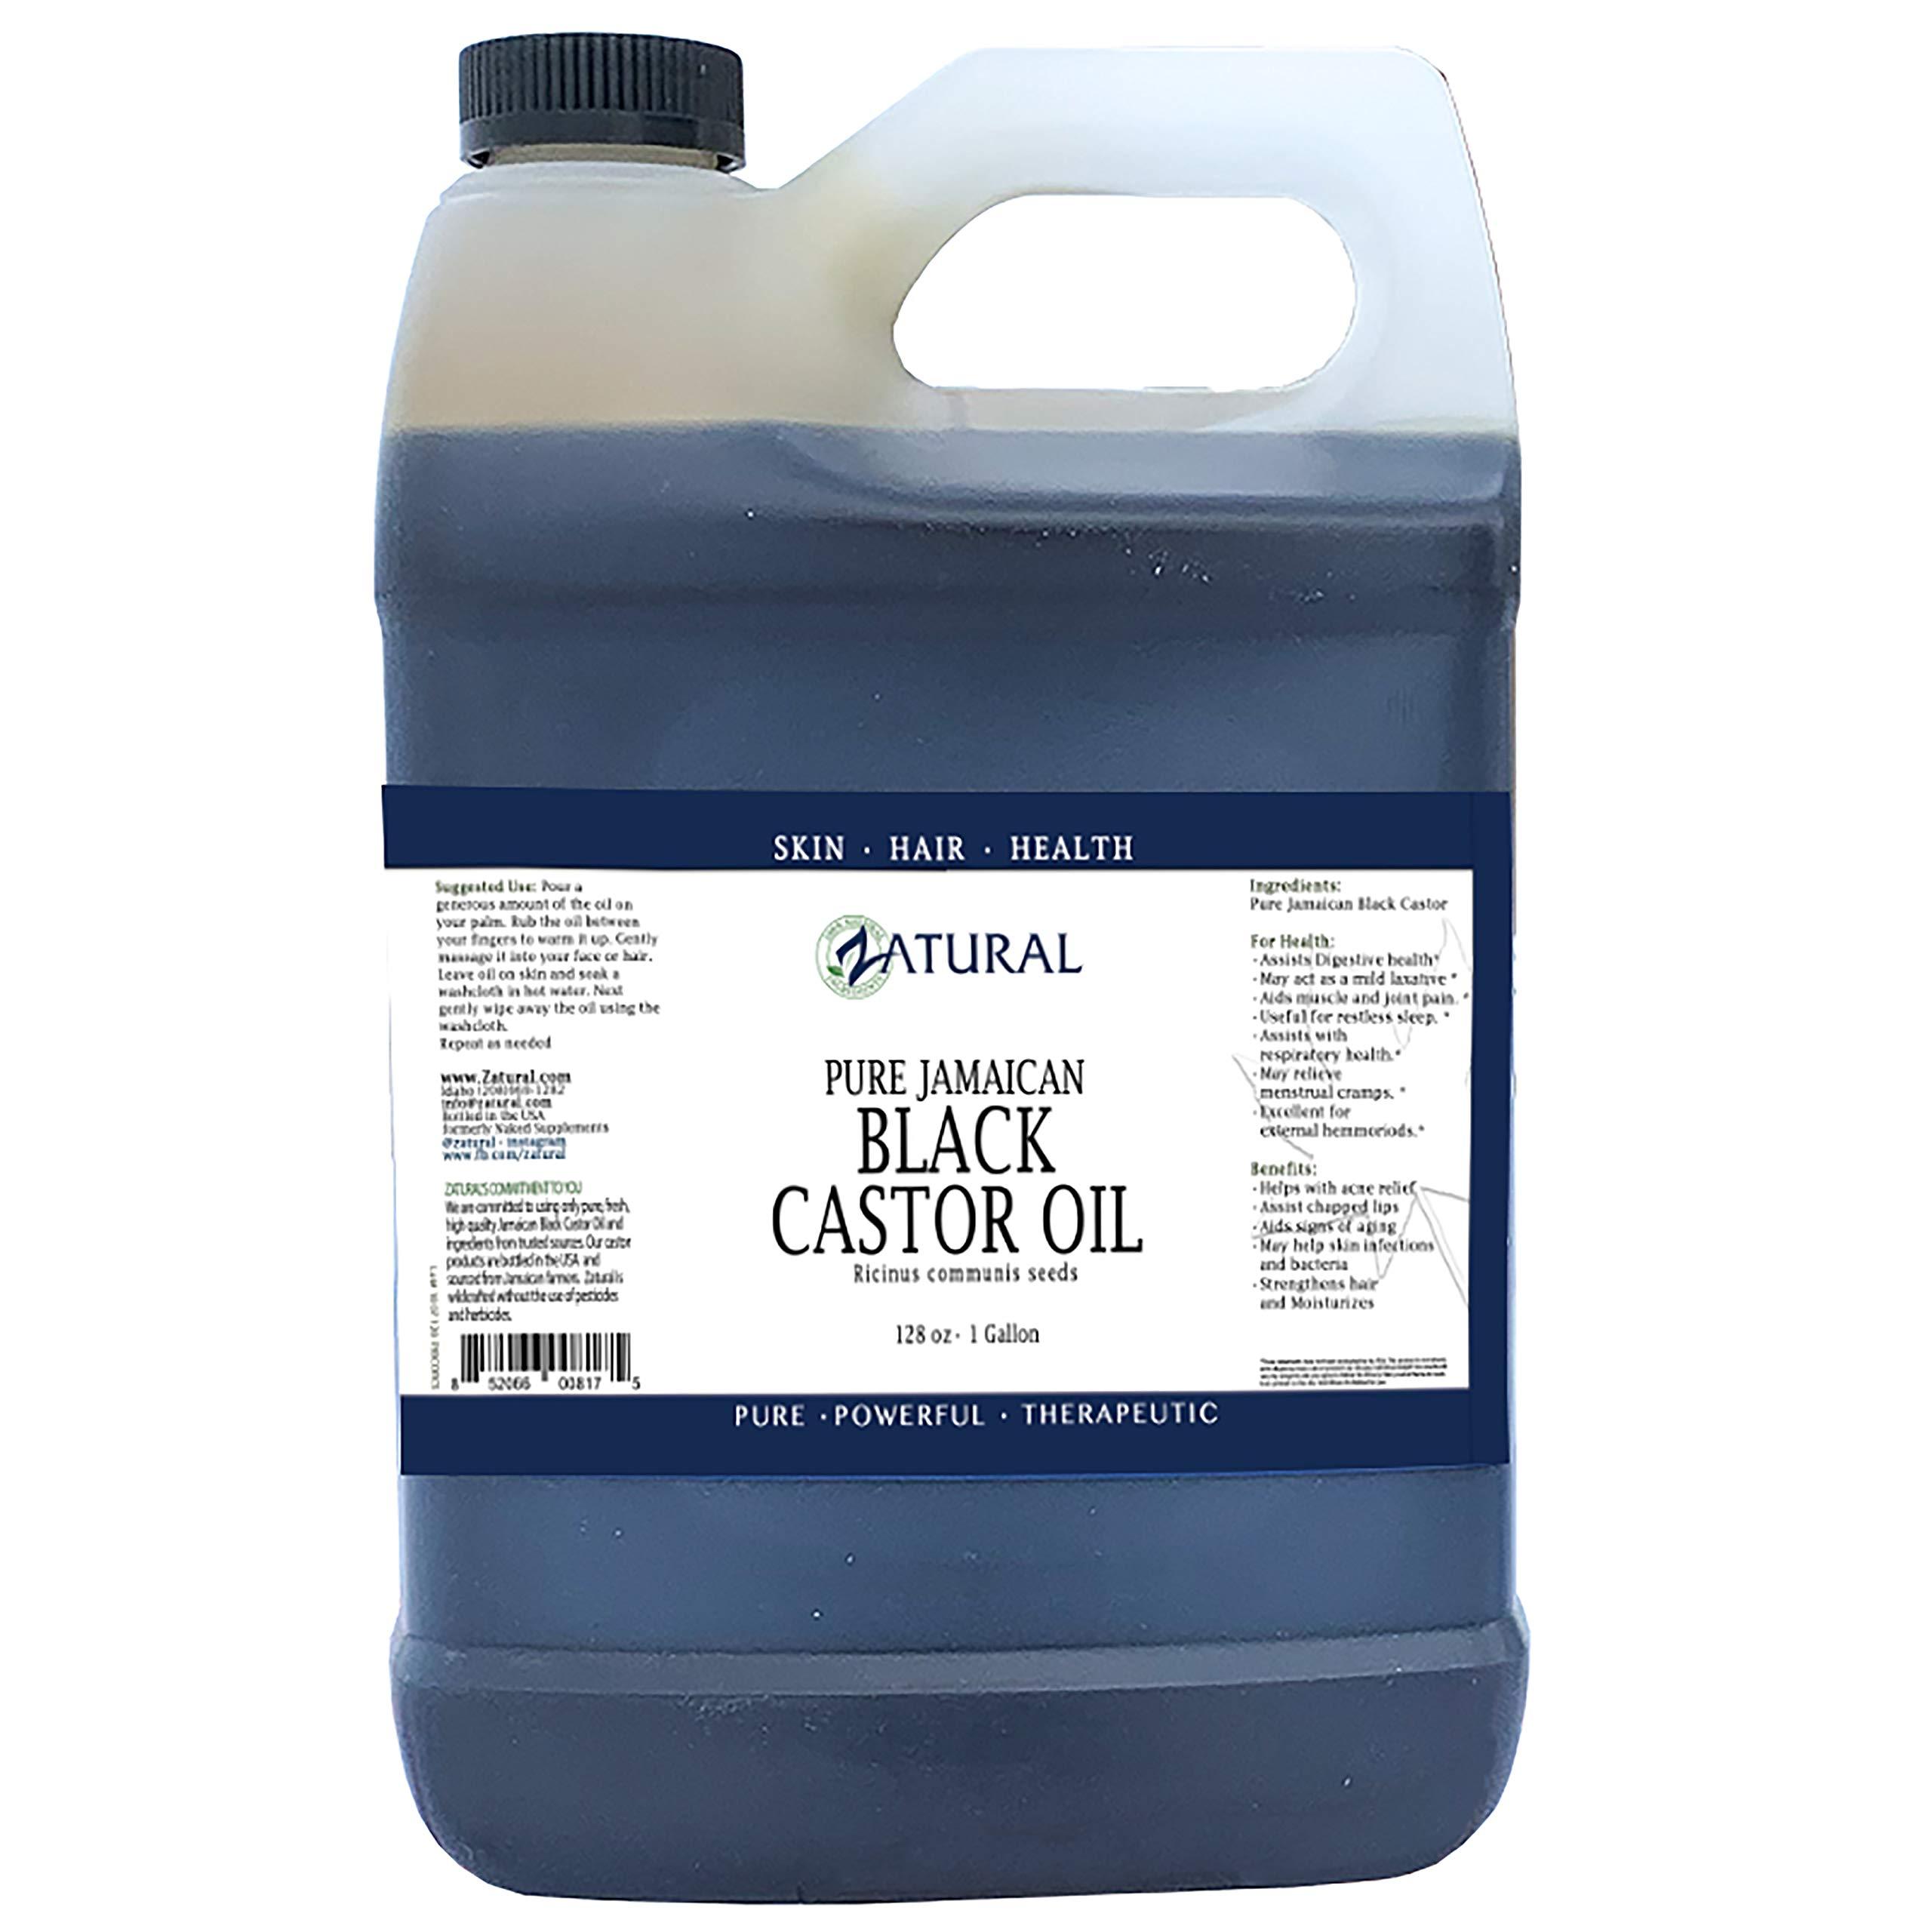 Black Castor Oil_100% Pure Tropic Jamaican Black Castor Oil (1 Gallon)